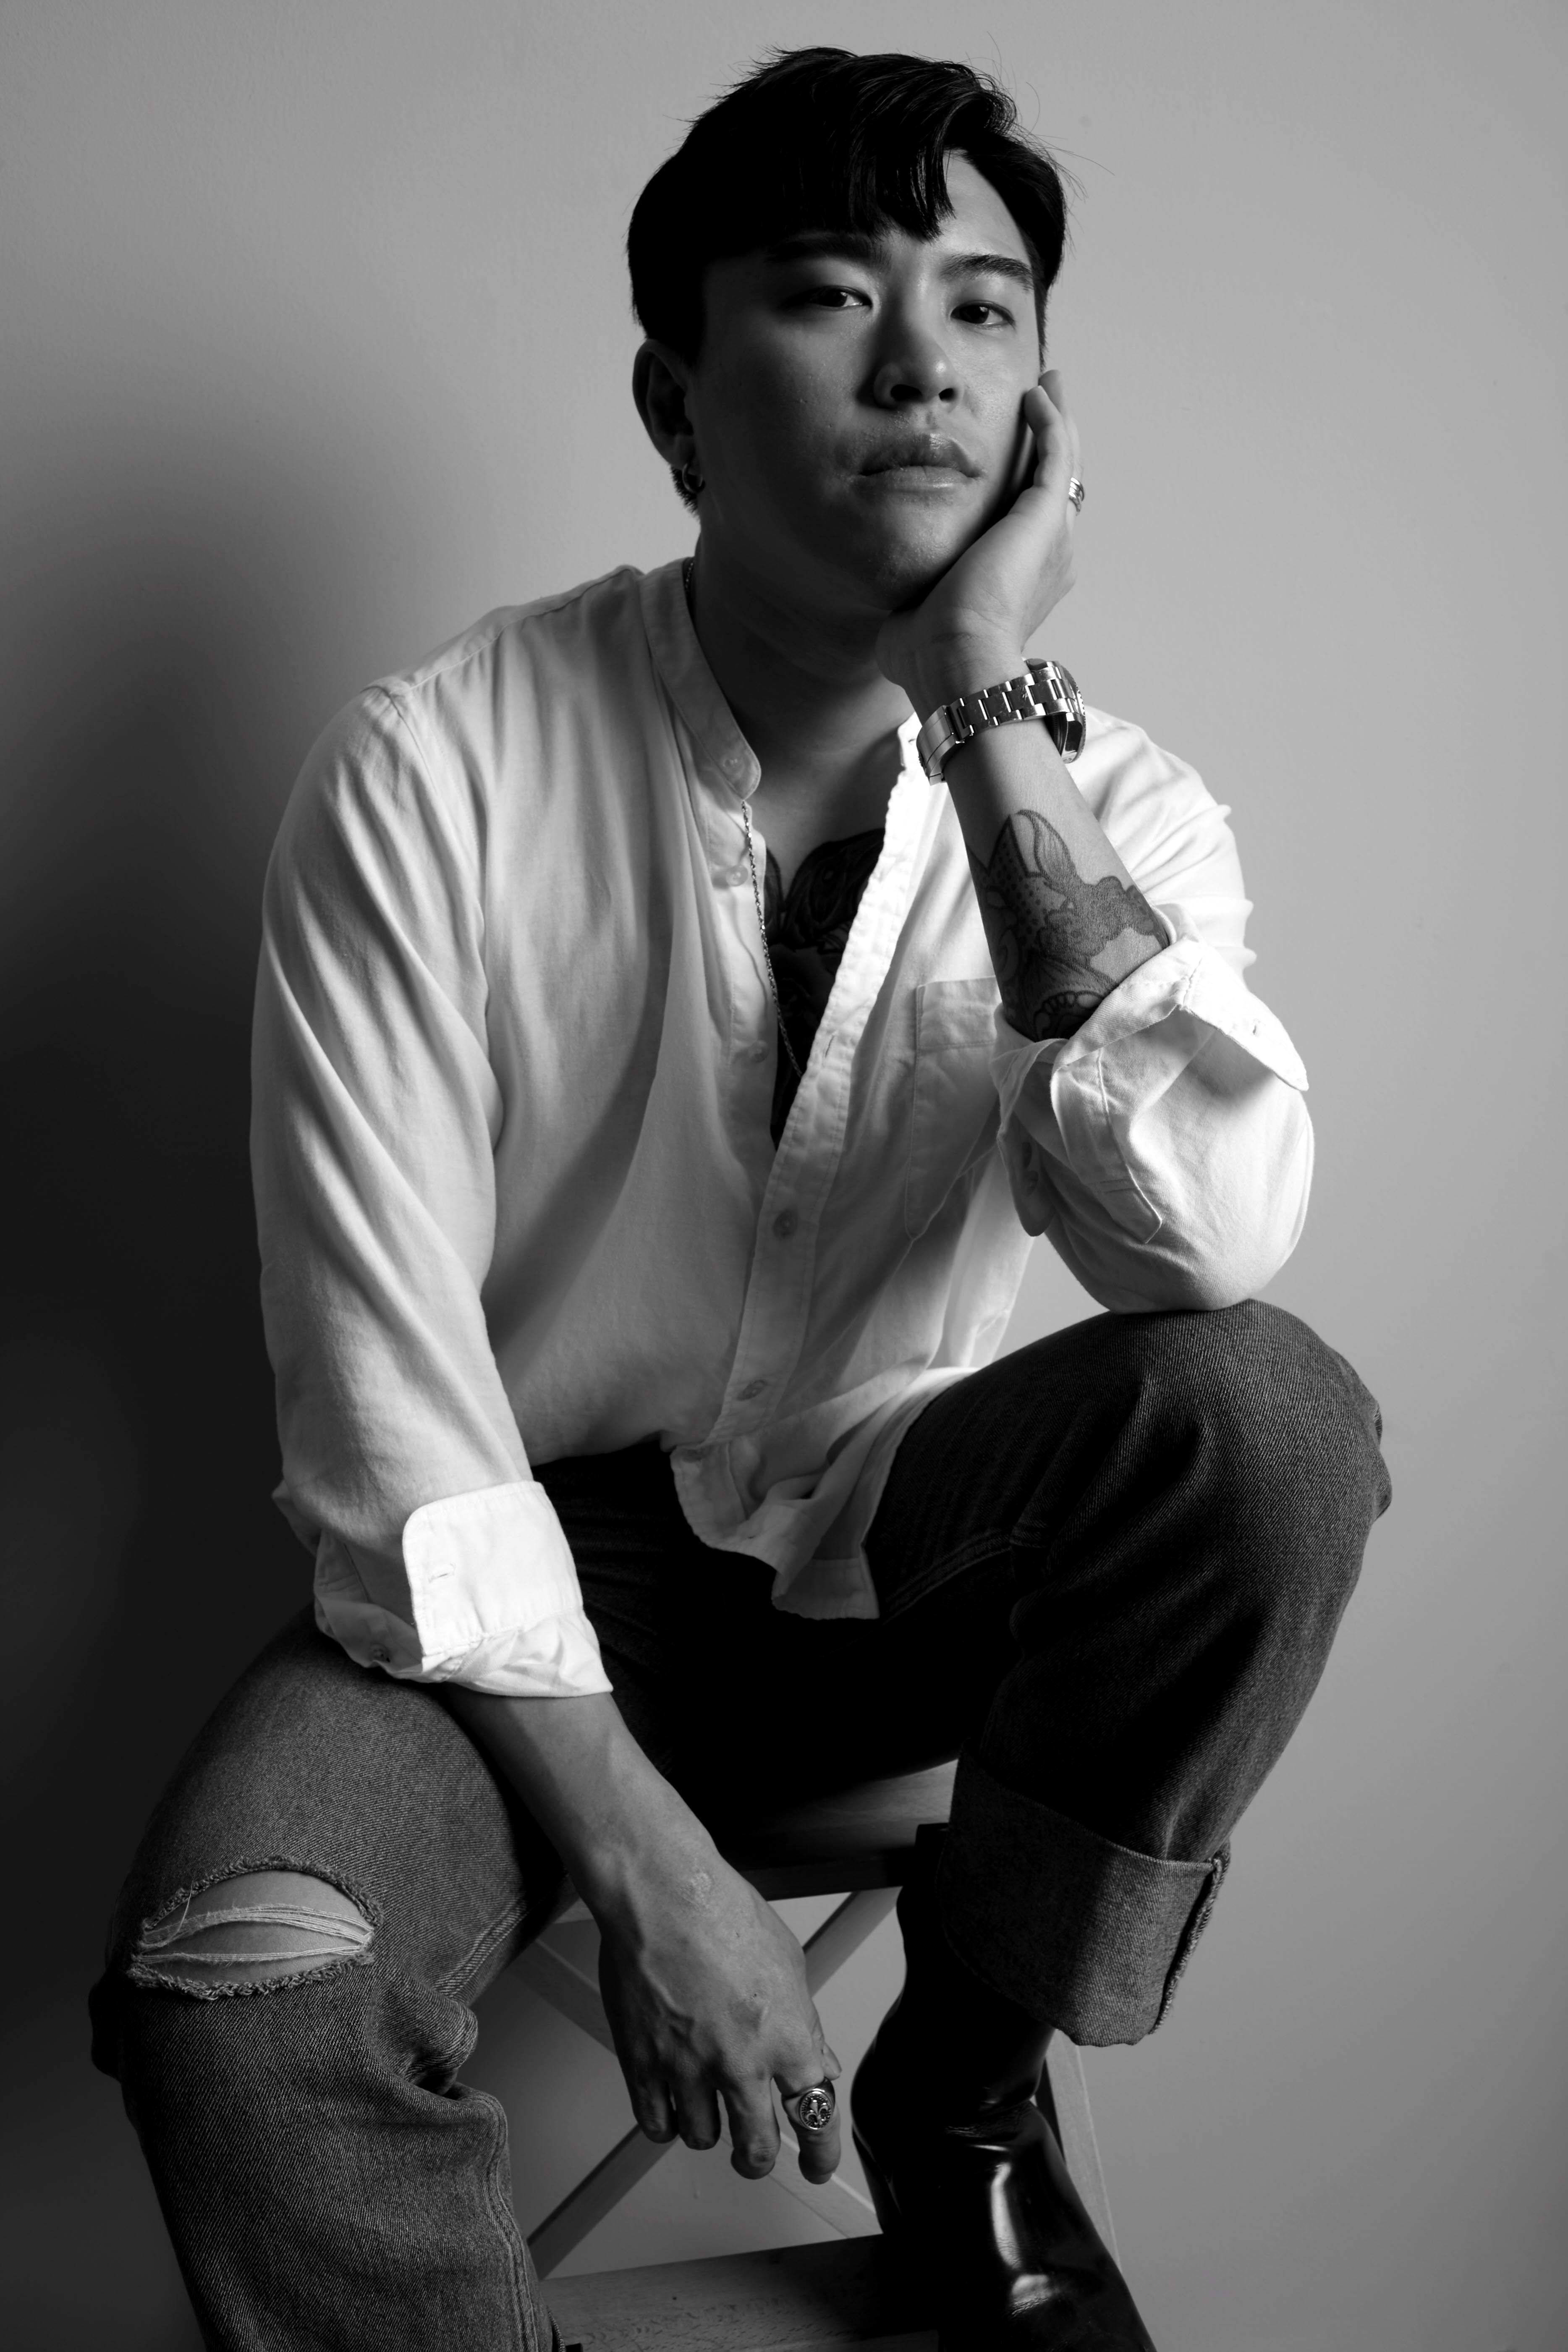 Jake Goh, co-founder of nij design and designer of Izy Fook